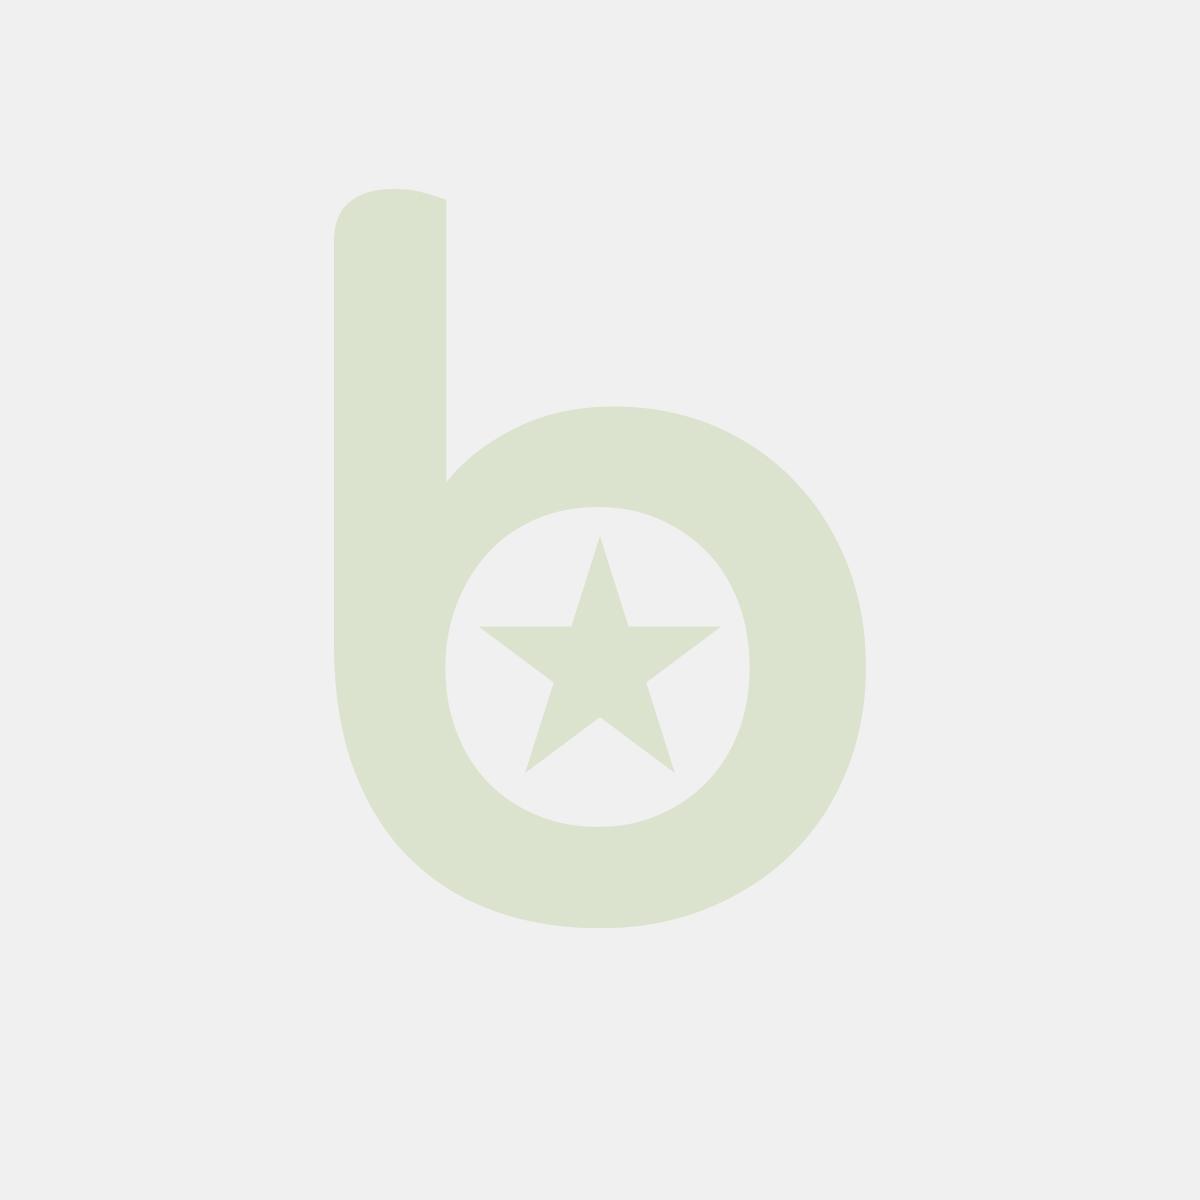 Bloczek samoprzylepny DONAU, 38x51mm, 3x100 kart., neon, pomarańczowy